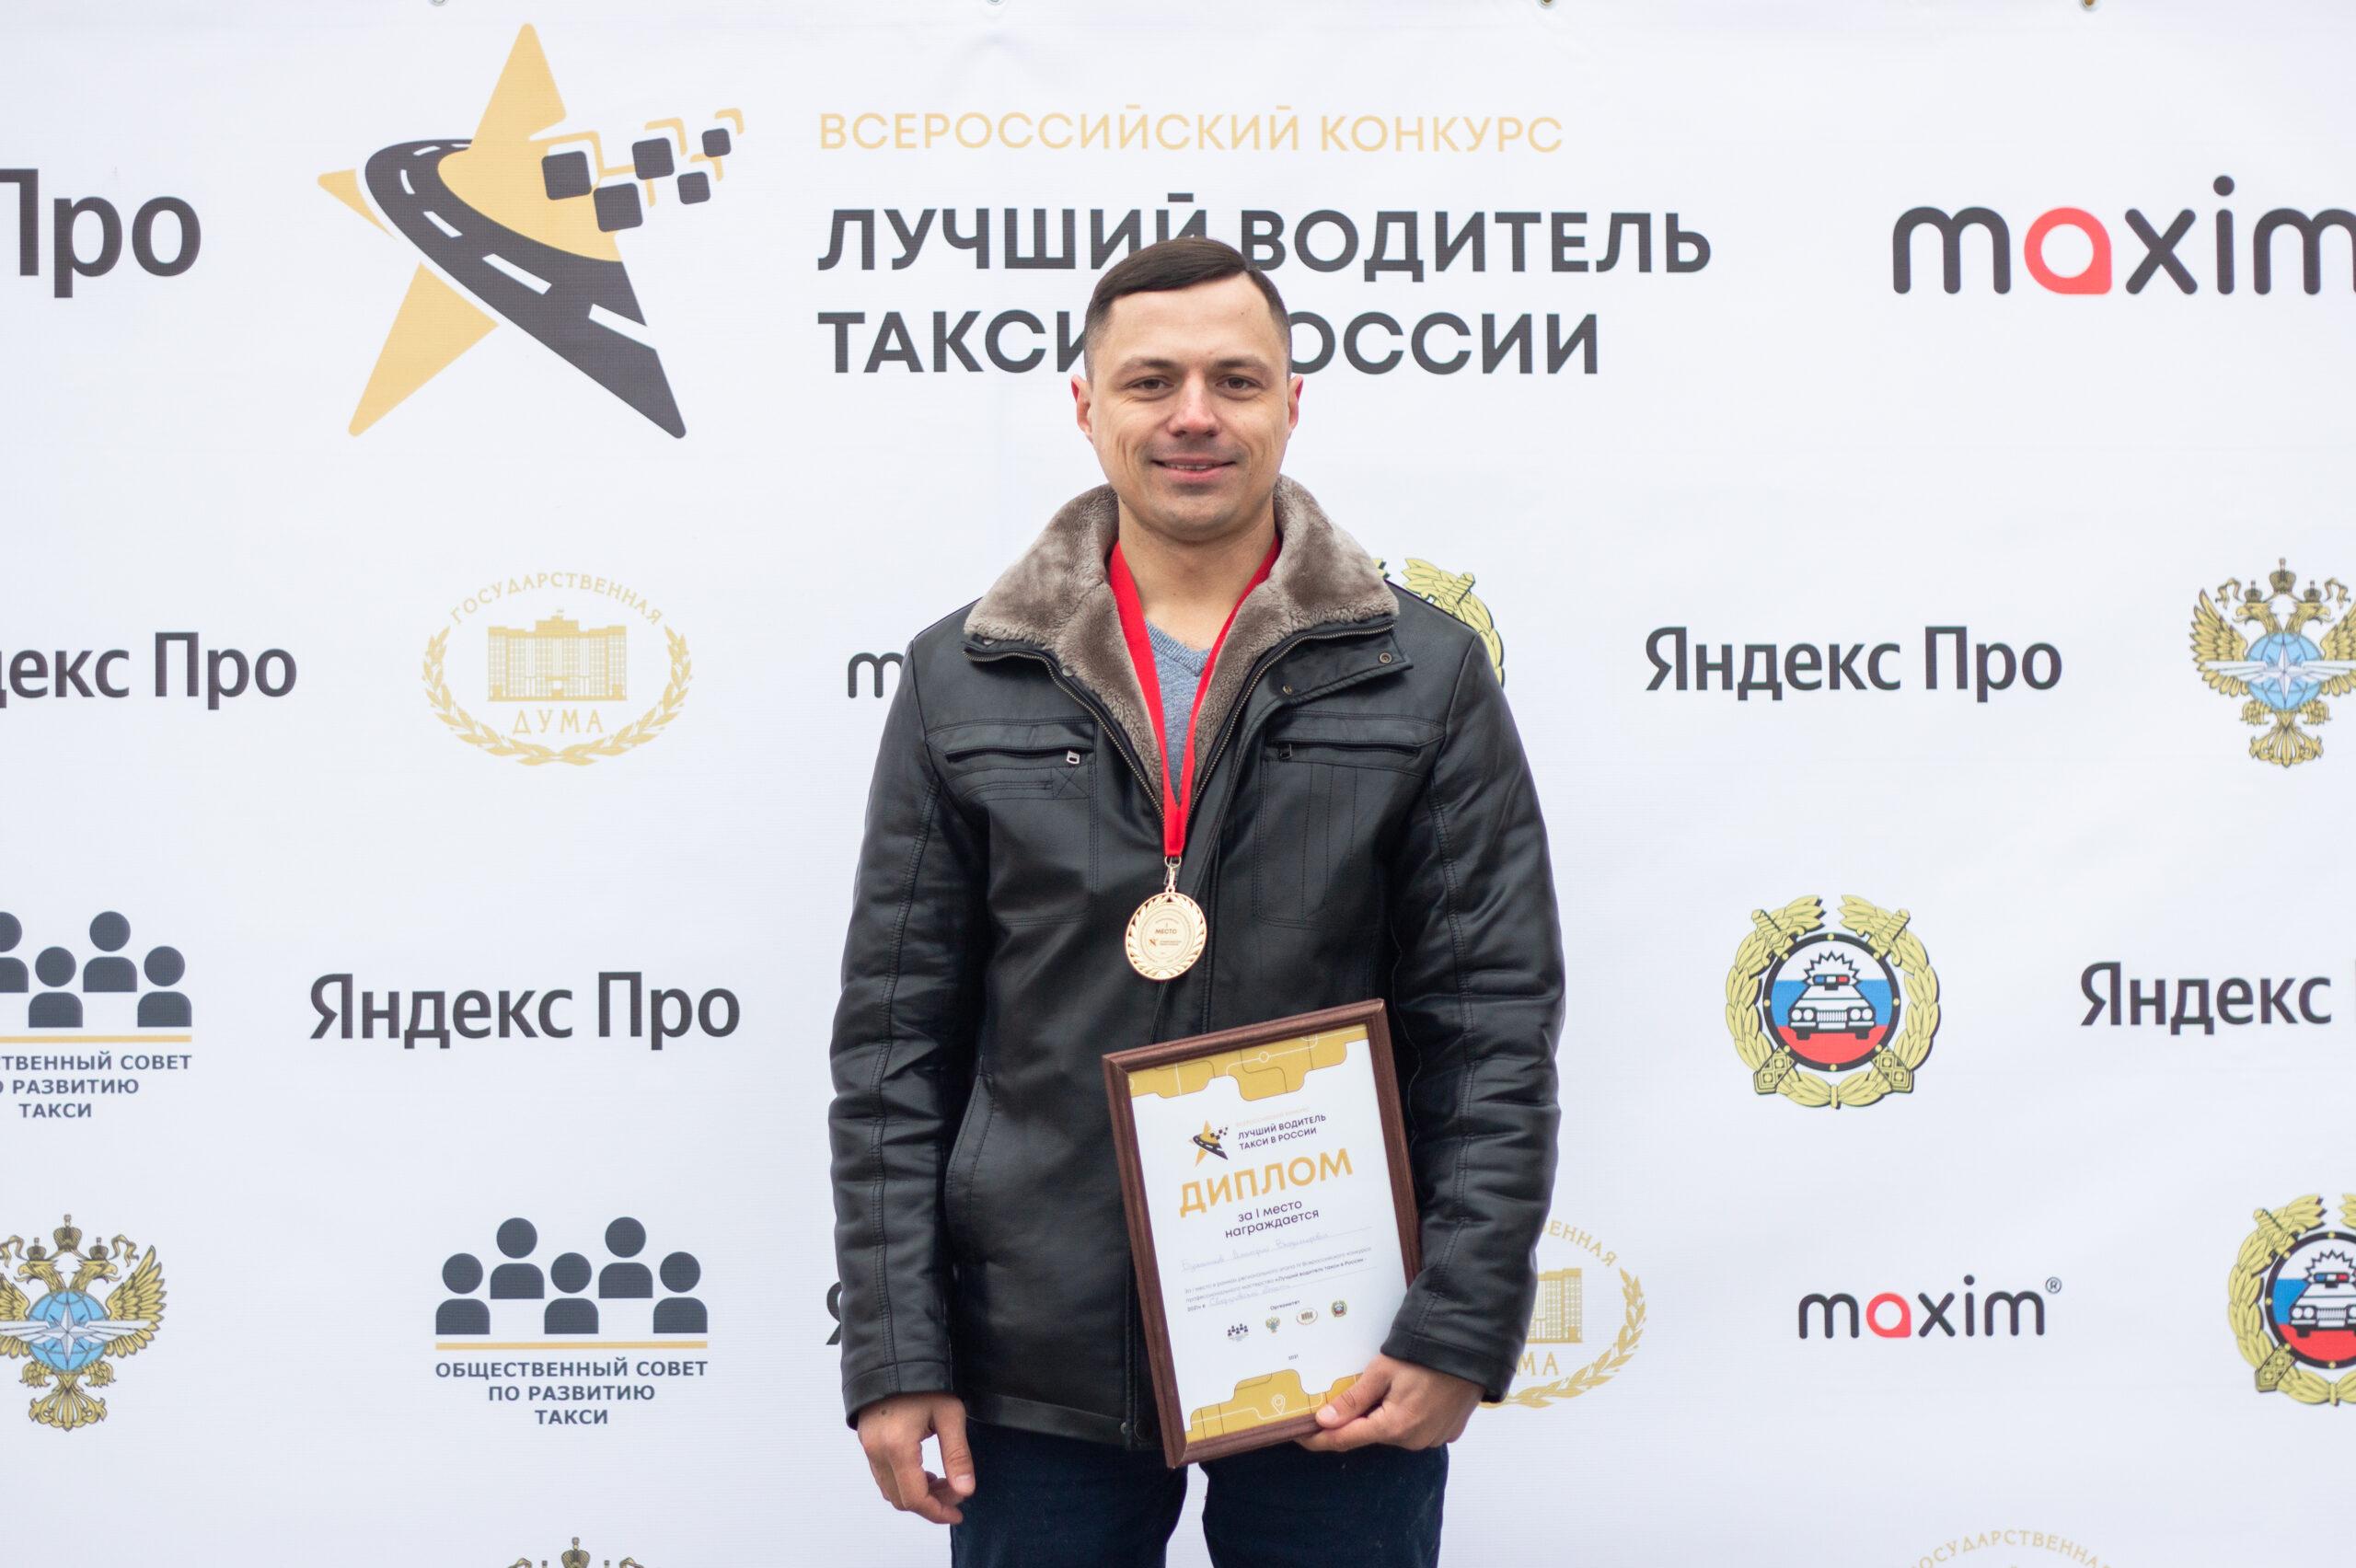 В Свердловской области выбрали лучшего водителя такси